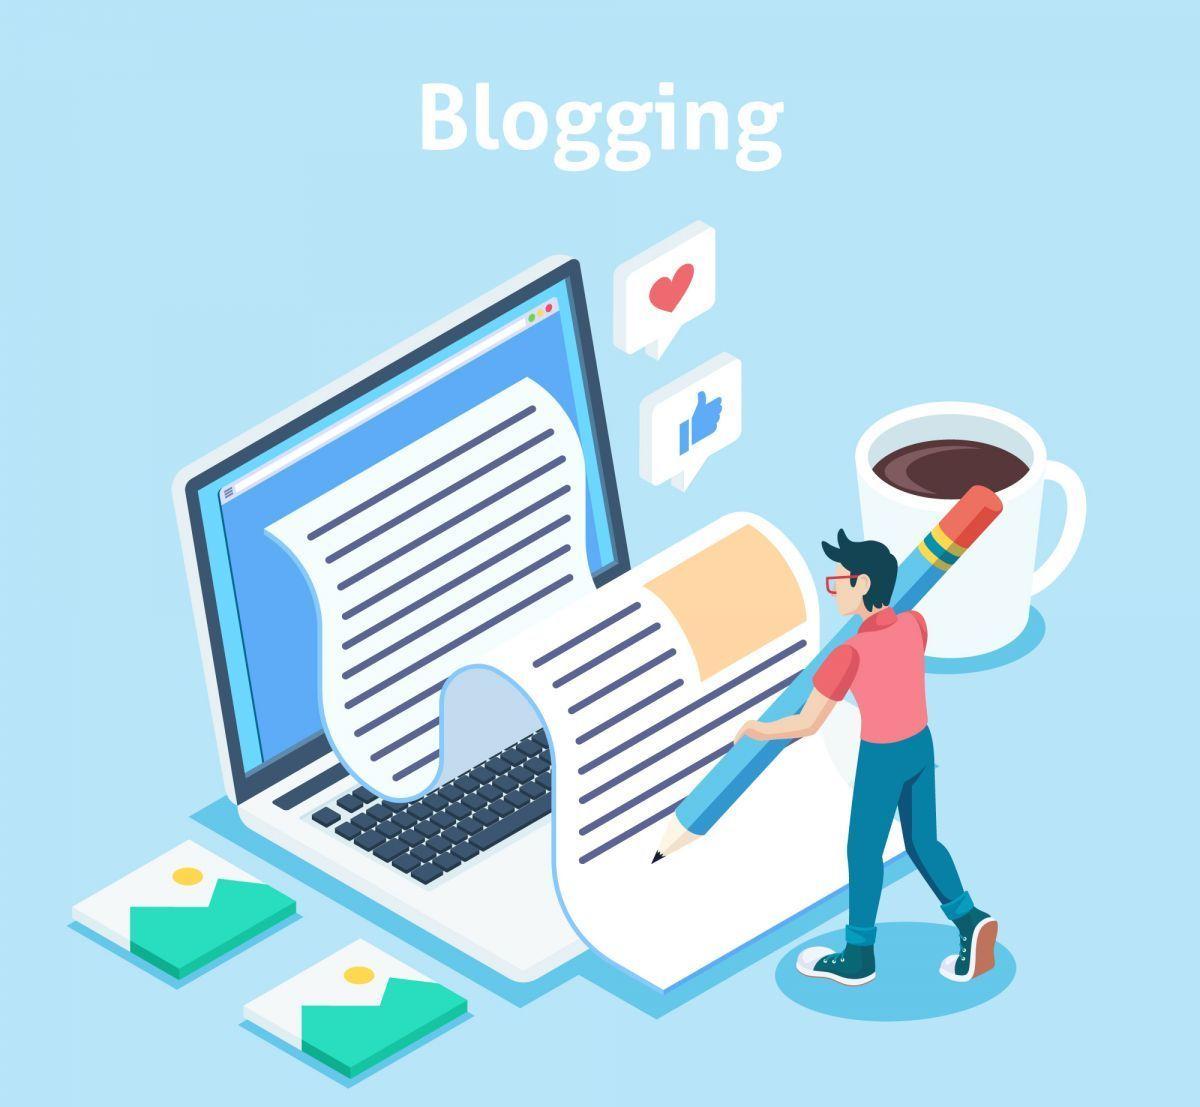 arte jovem escrevendo um blog